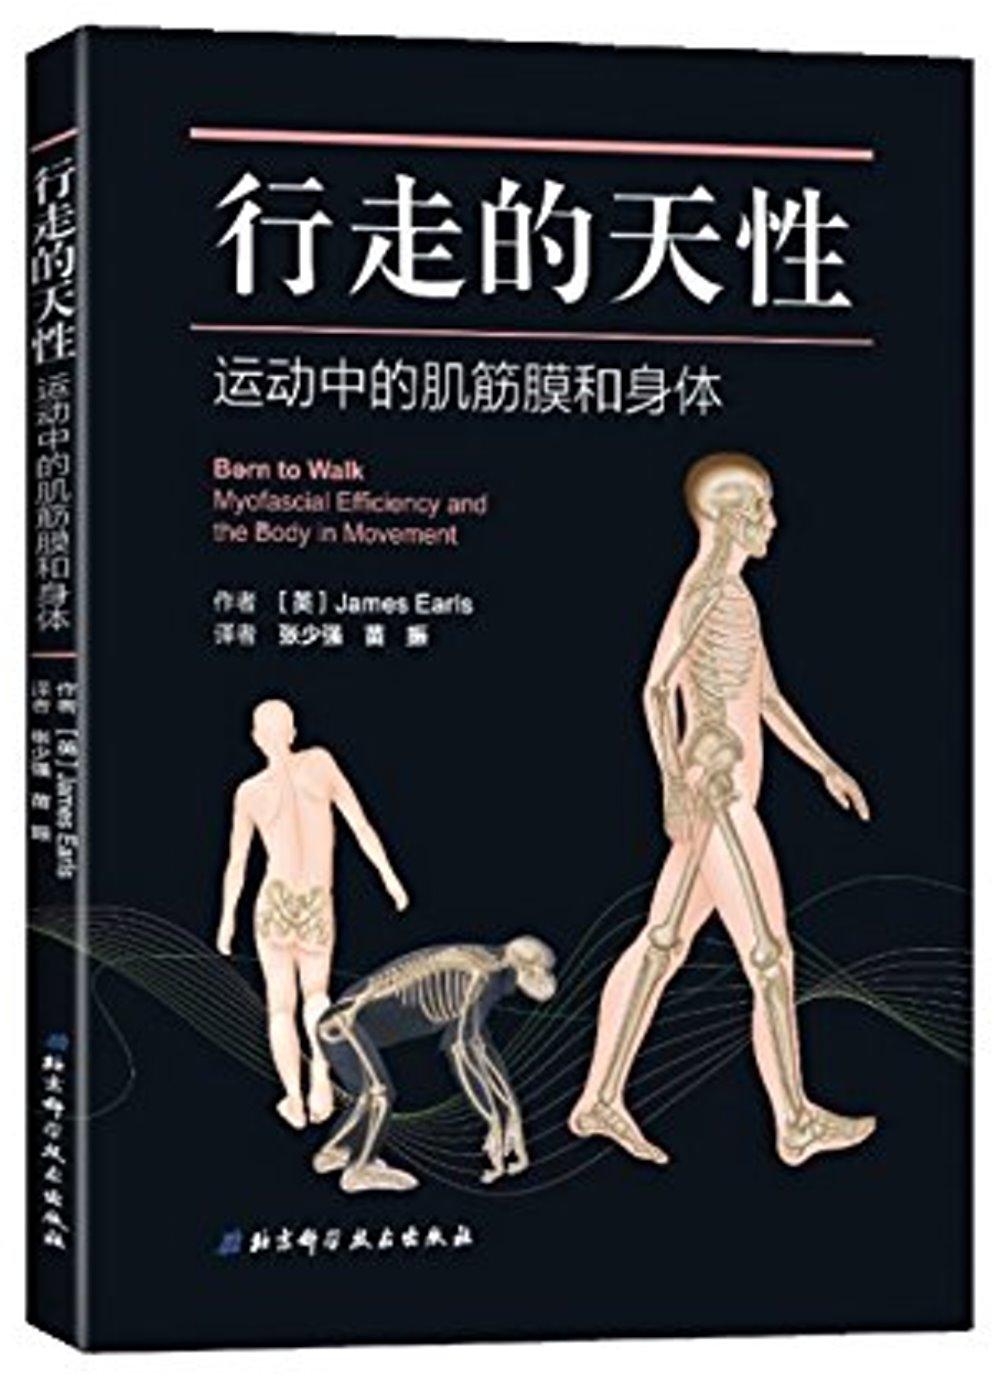 行走的天性:運動中的肌筋膜和身體